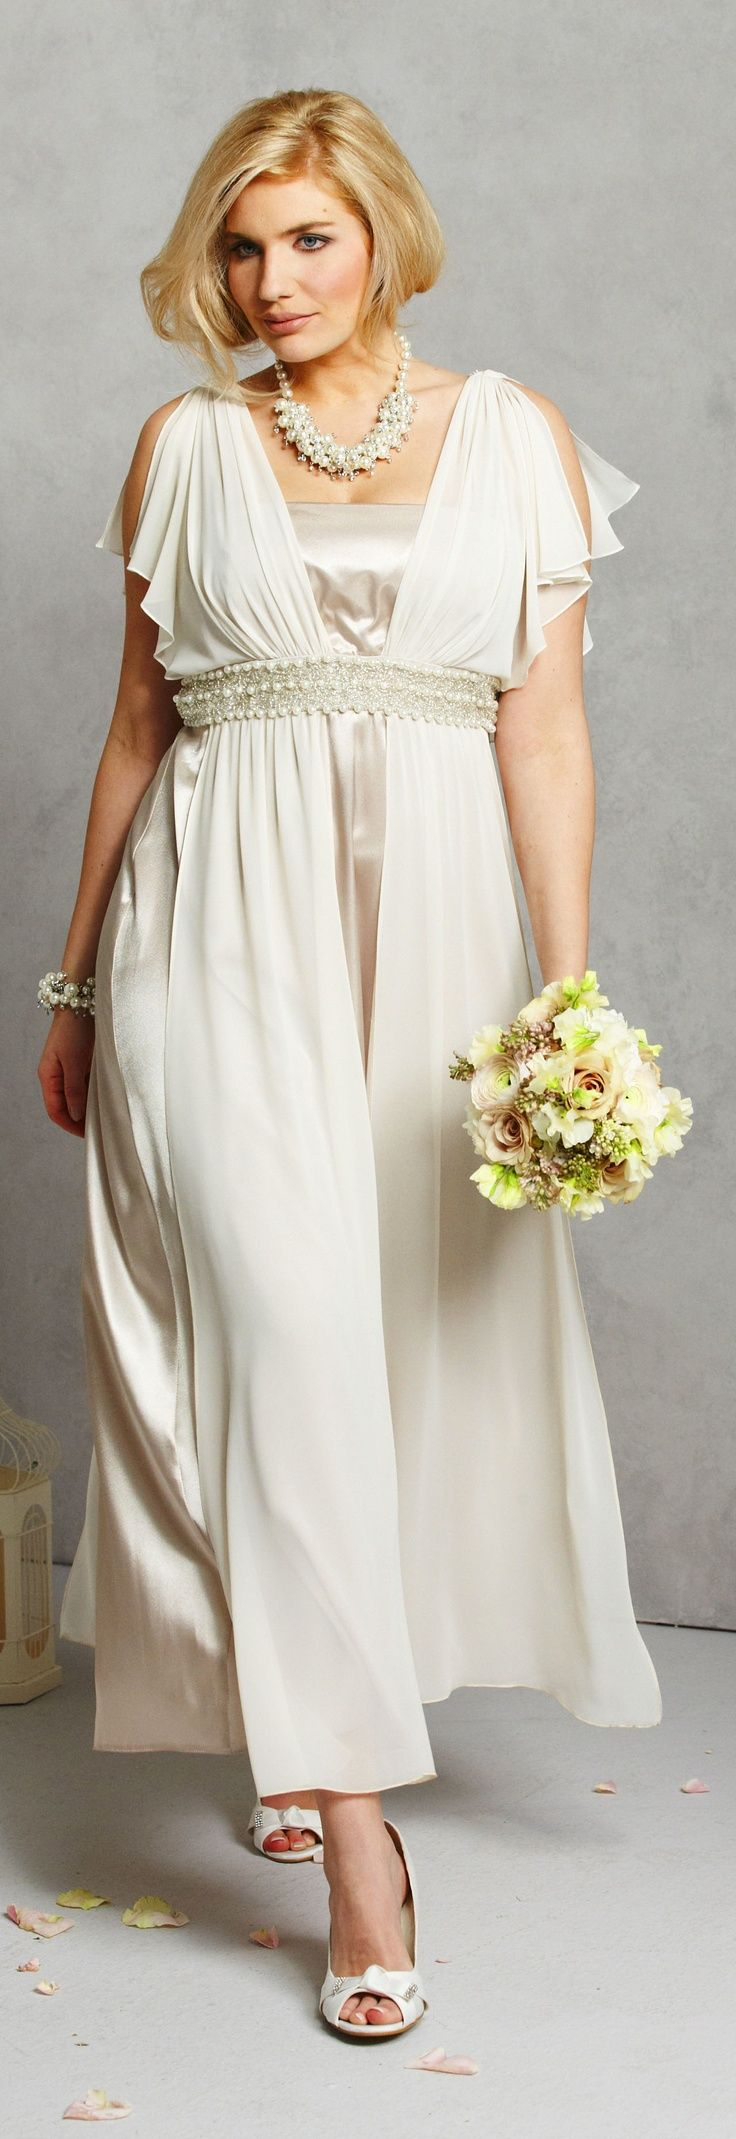 Wedding dresses for older boho brides click through to